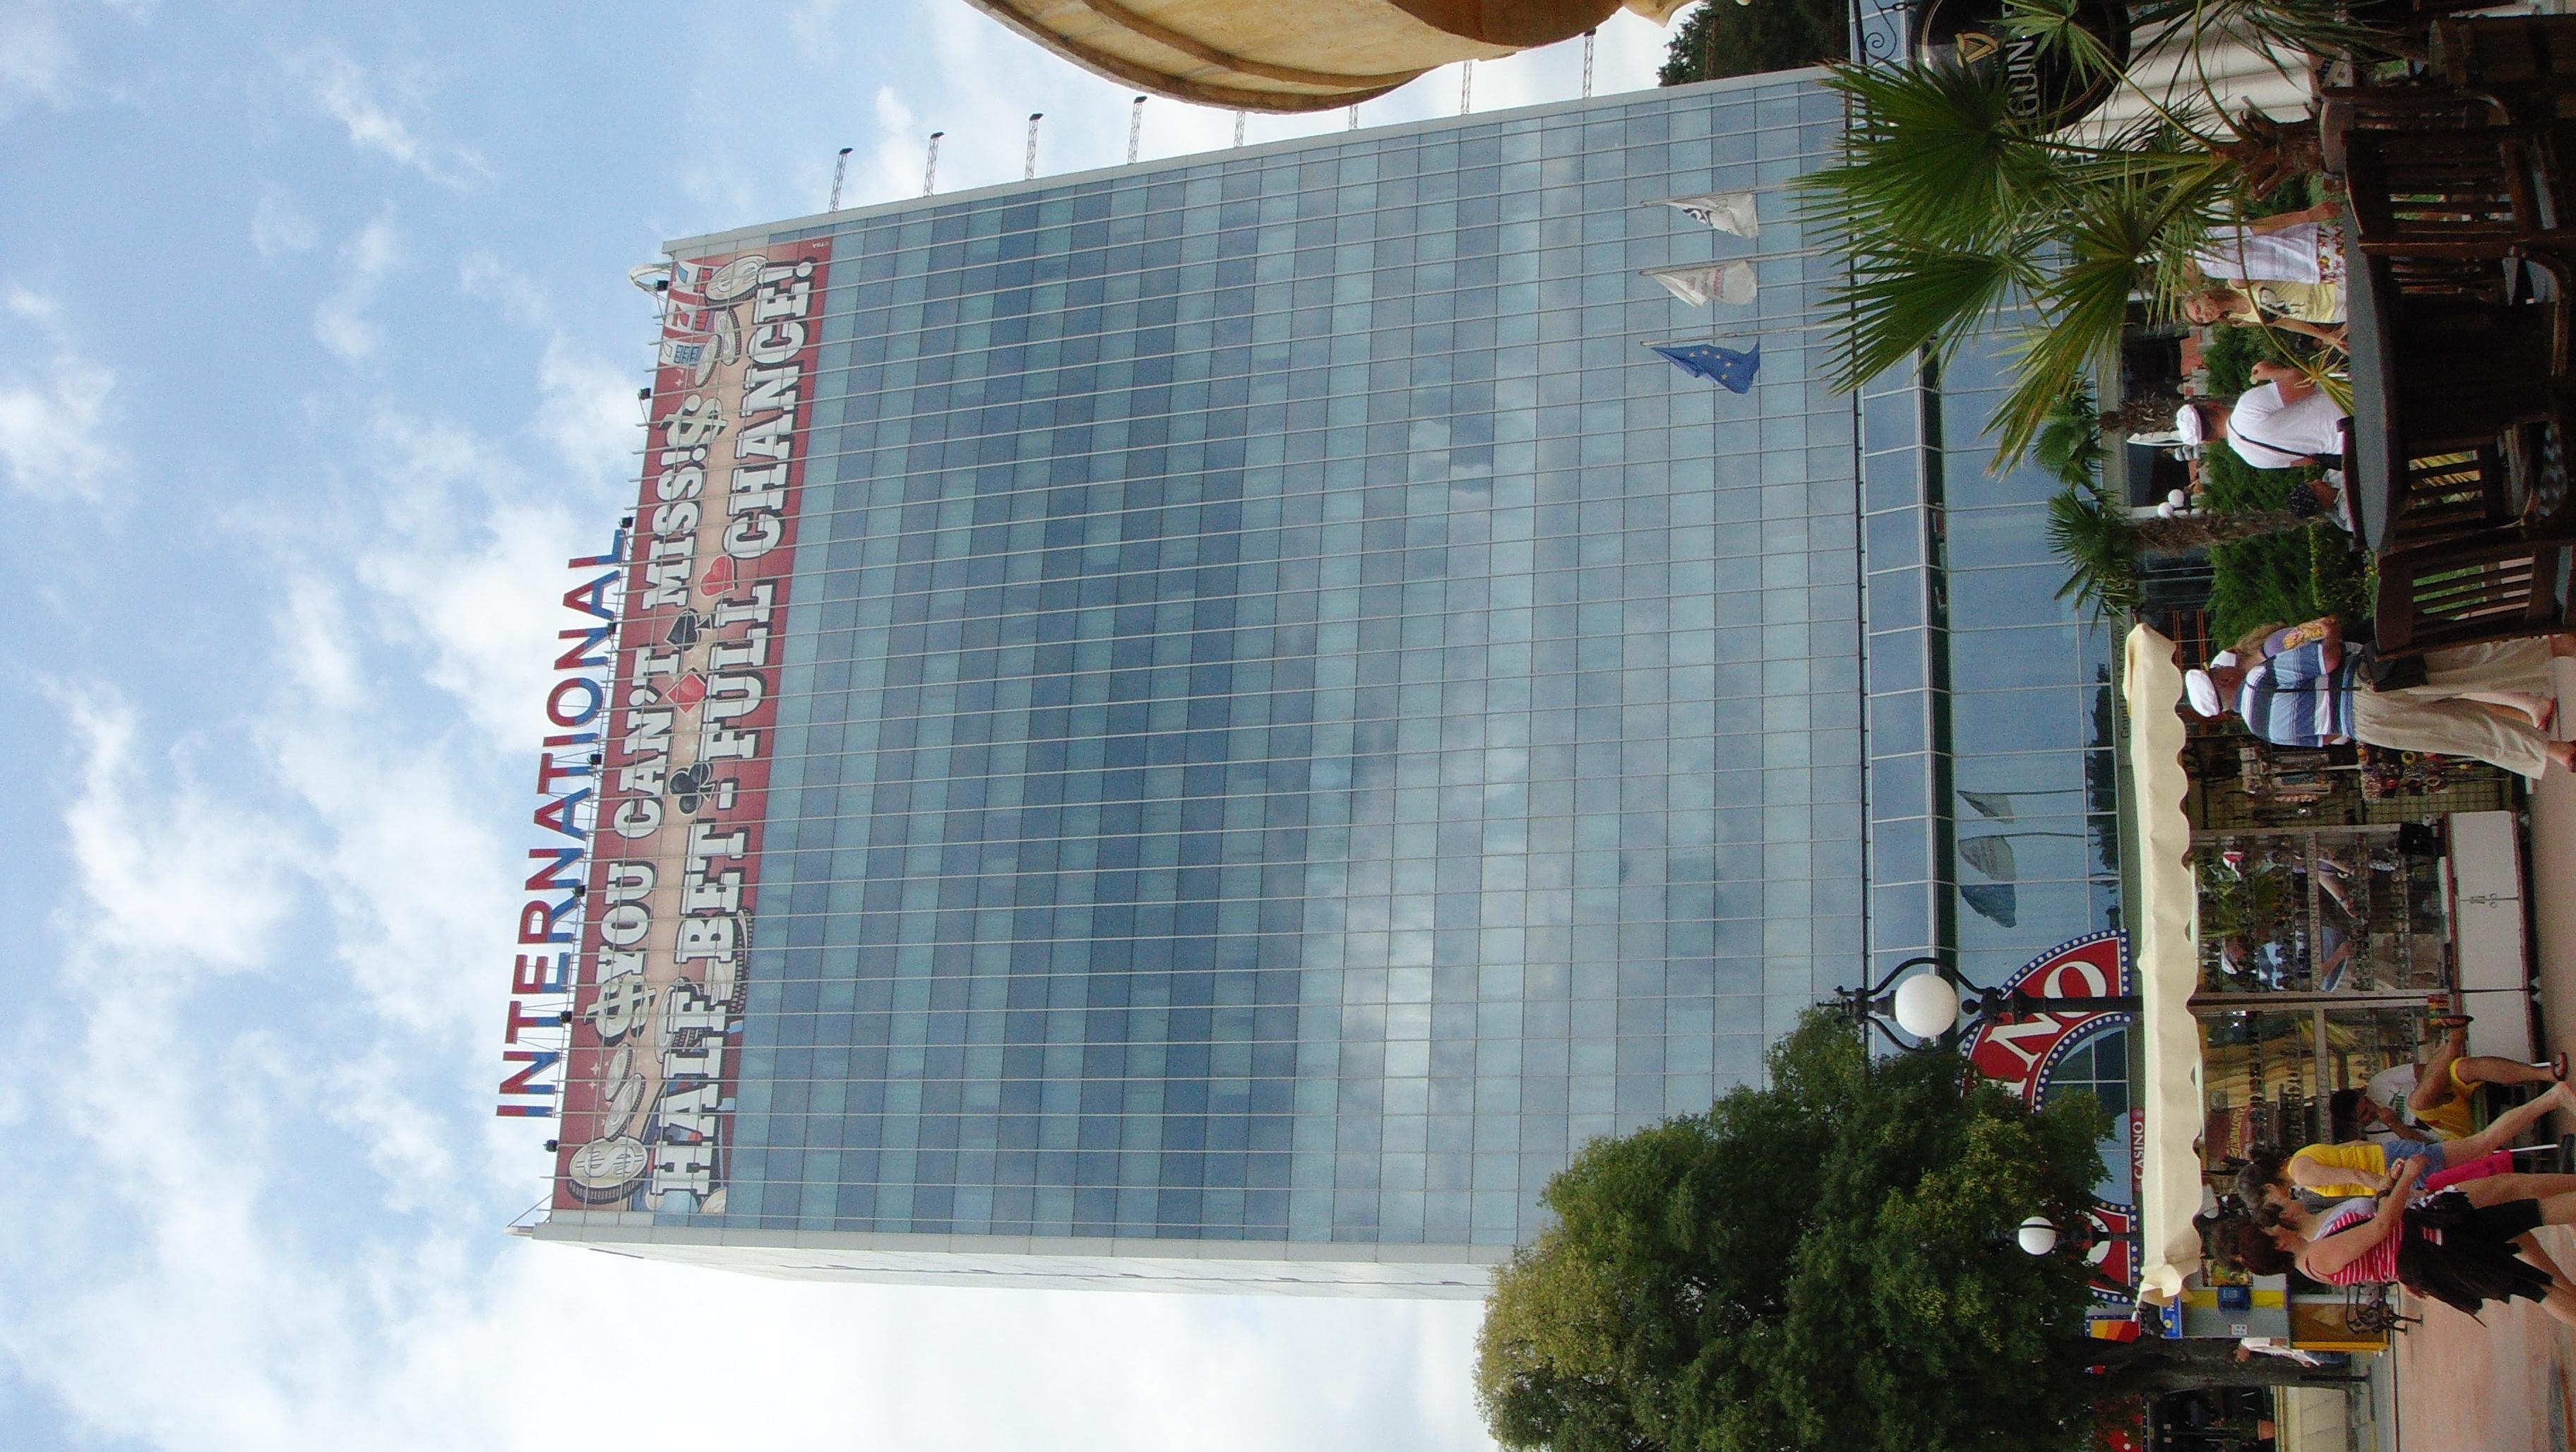 Гранд казино хотел интернационал кличко играет в карты